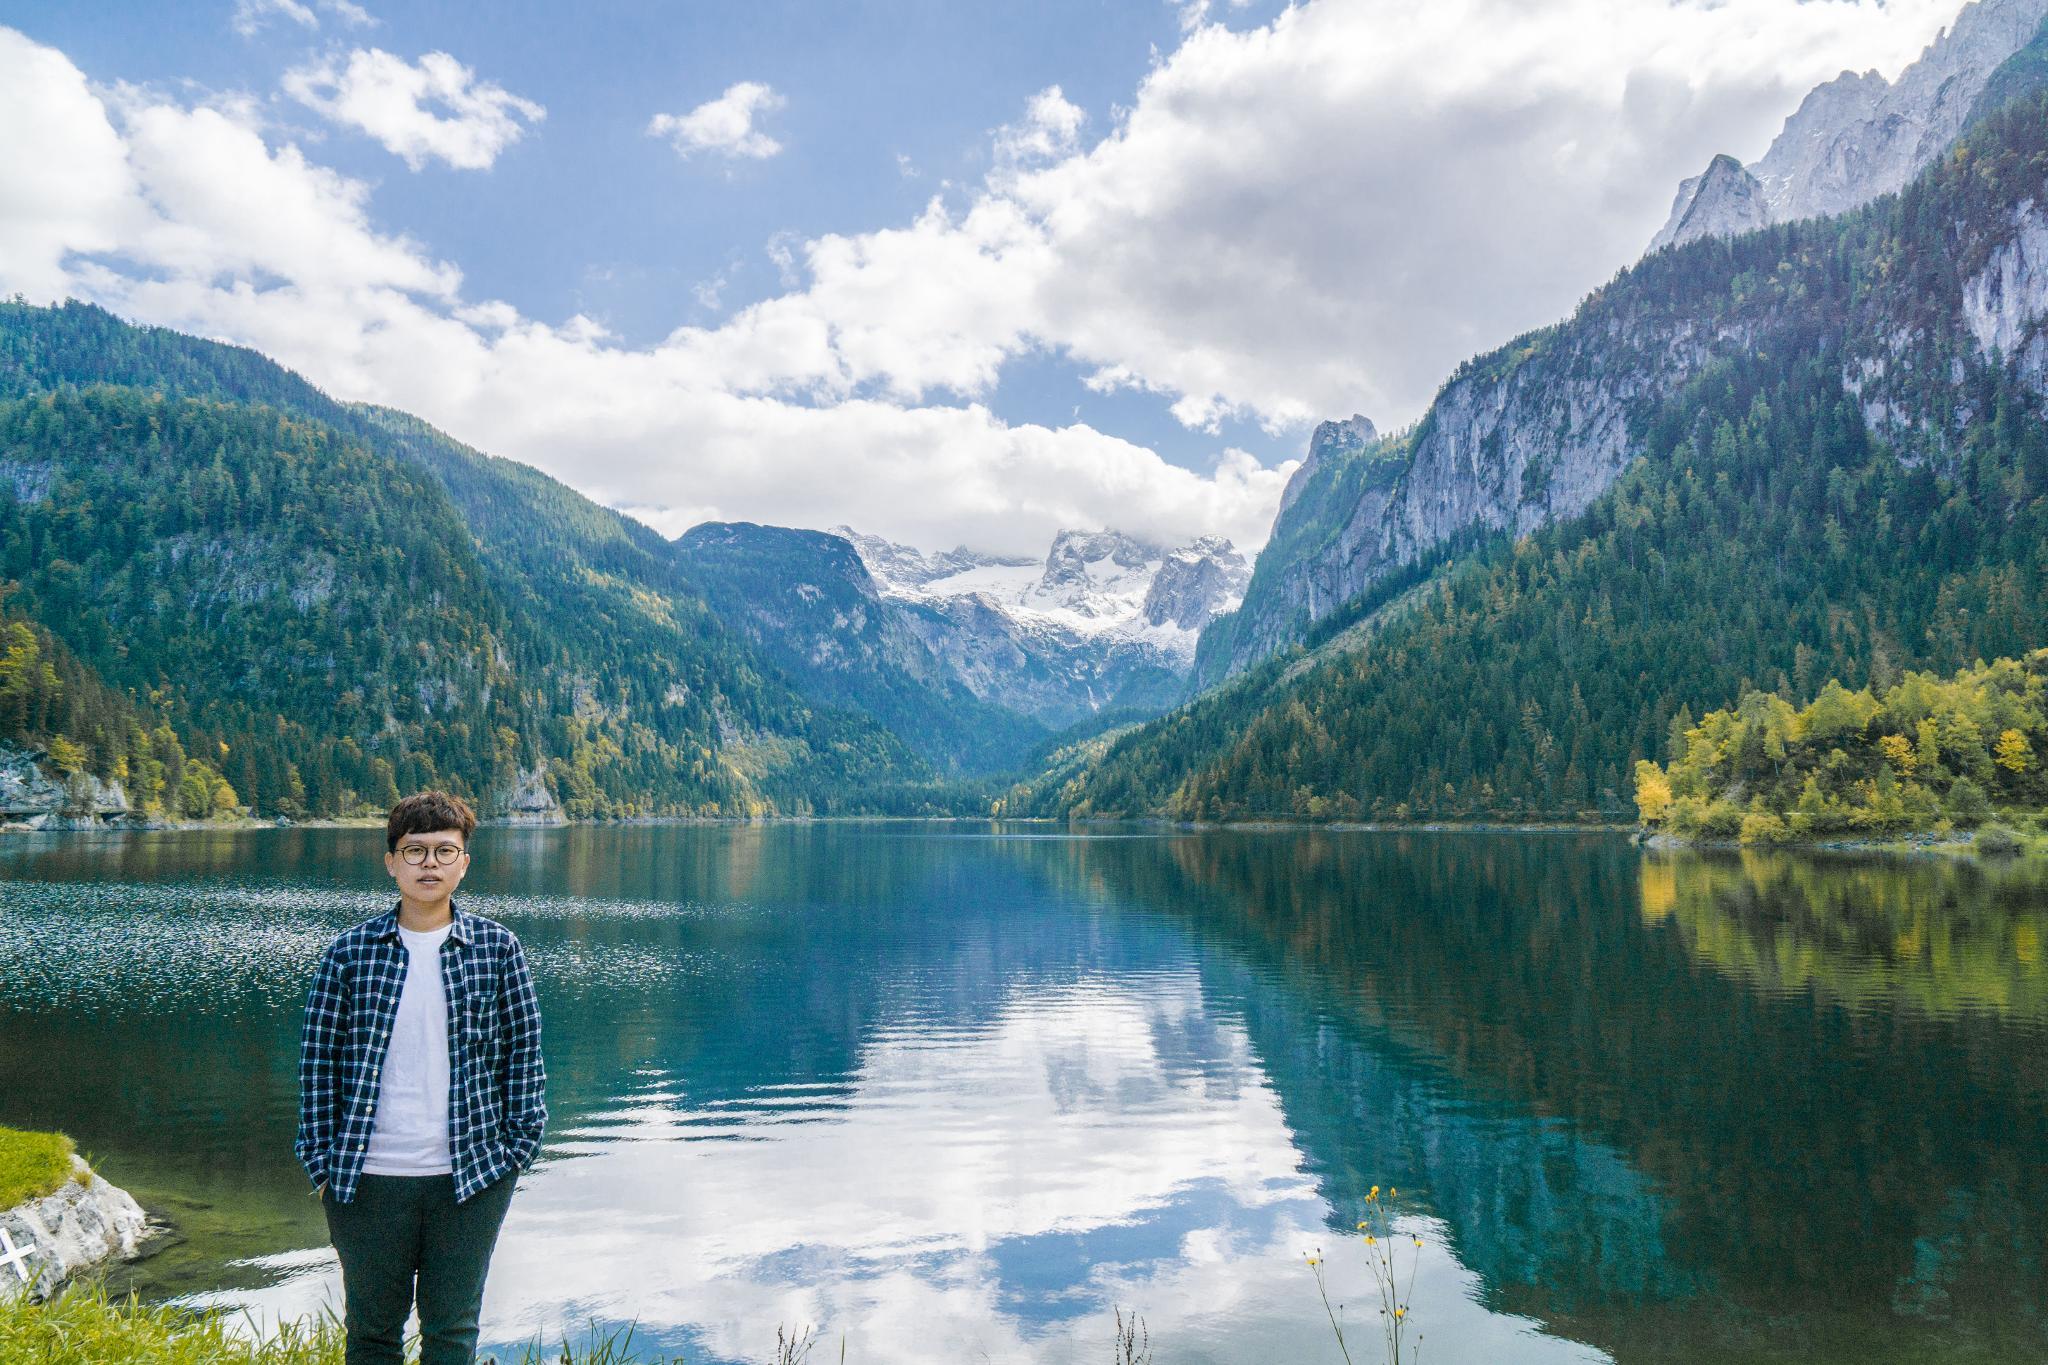 【奧地利】遠離塵囂!哈修塔特周邊的絕美湖泊 — 高薩湖 Gosausee 湖濱散記 11